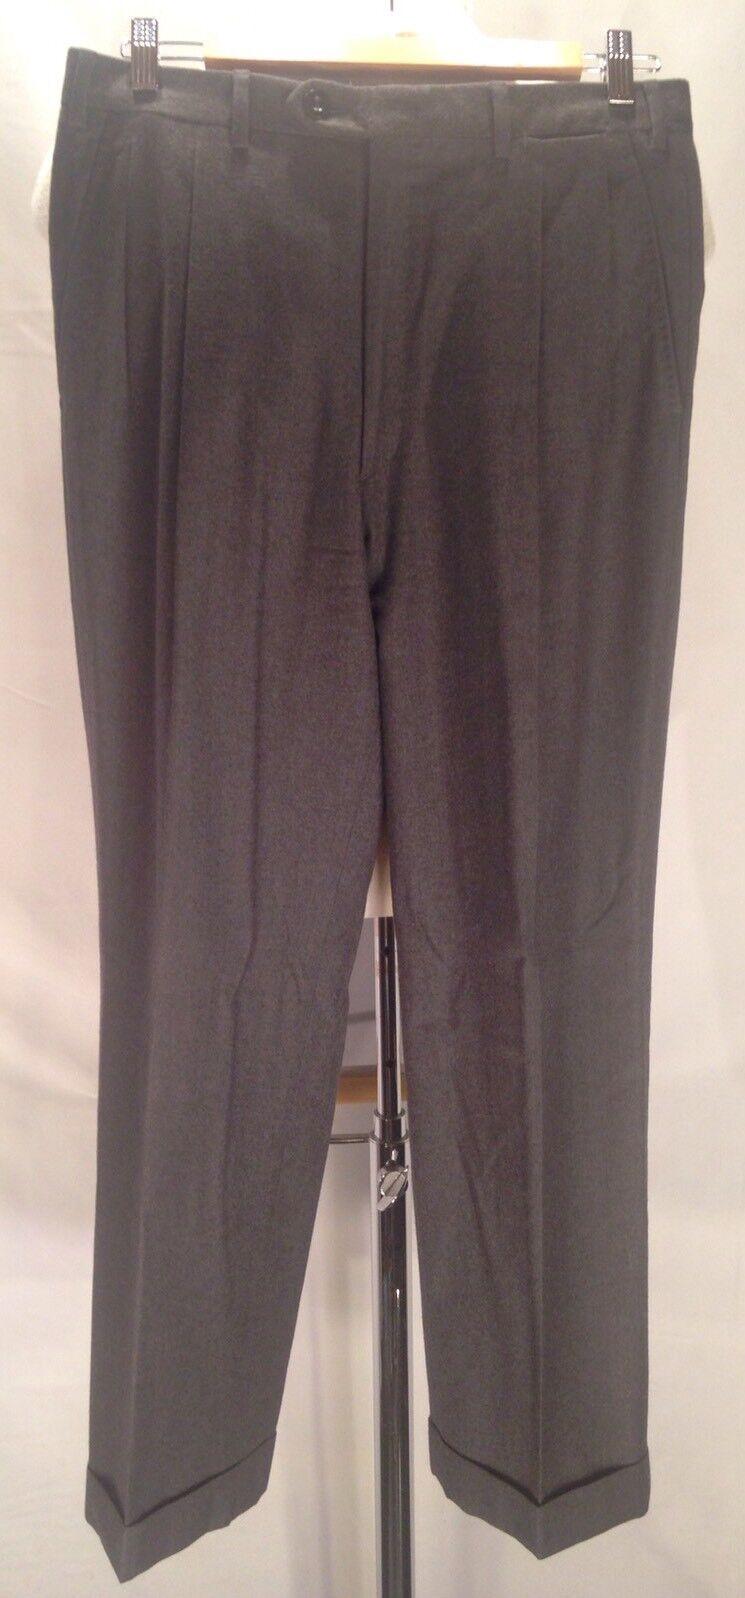 F429 Brioni Charcoal Moudi 100% Wool Pleated Dress Pants Trousers Super 150s